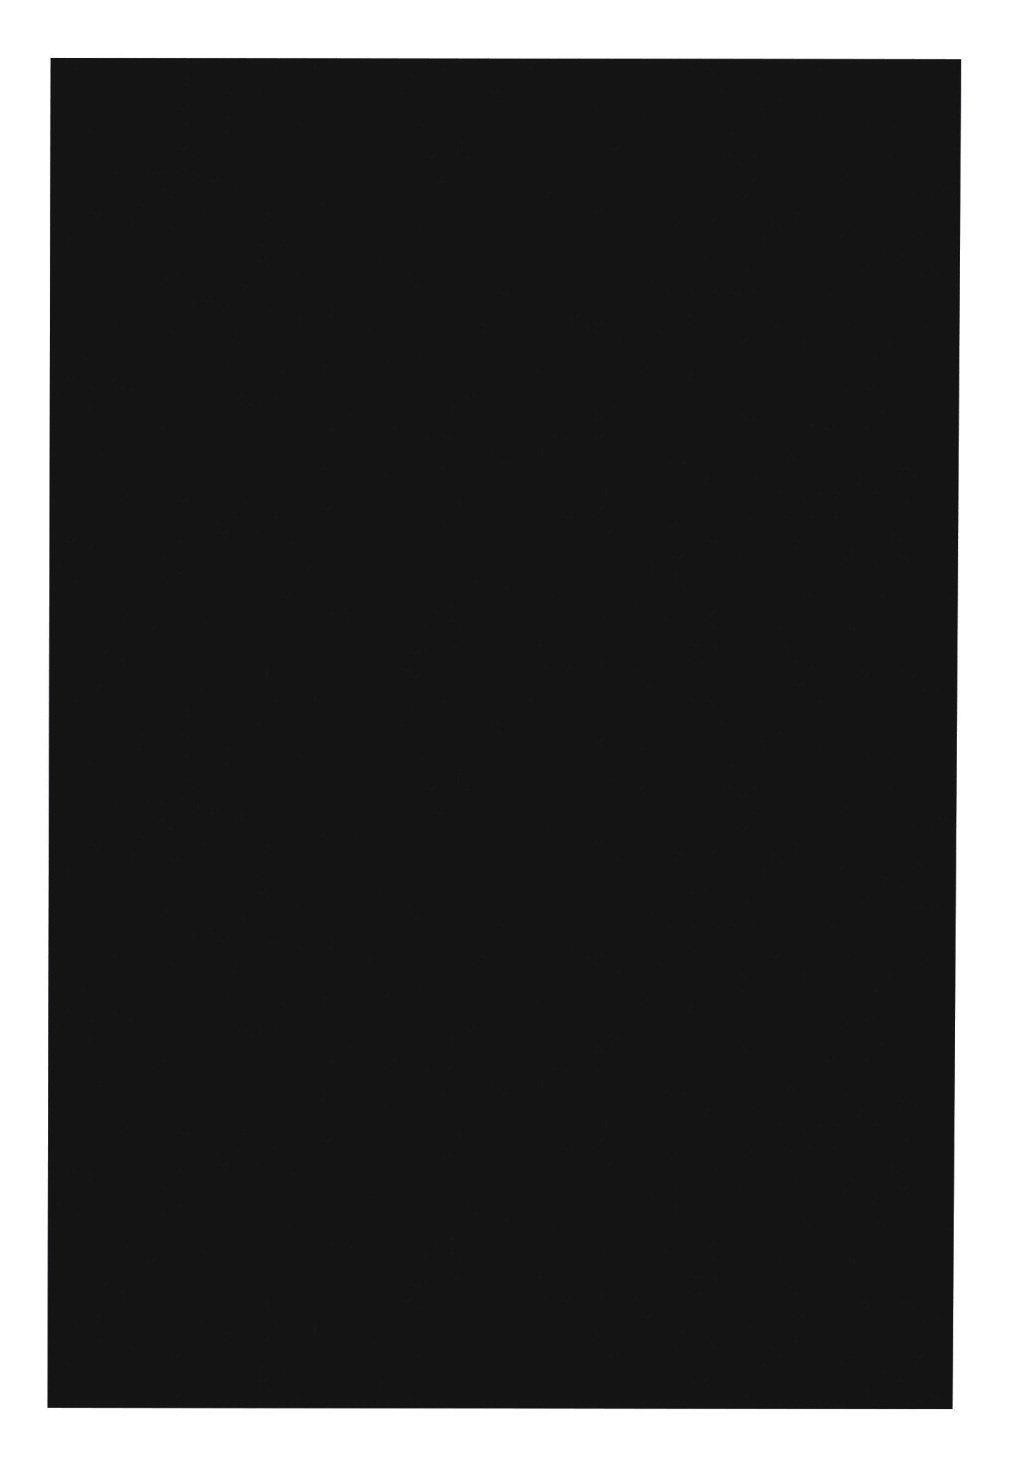 School Smart Folding Bristol Tagboard - 12 x 18 - Pack of 100 - Black